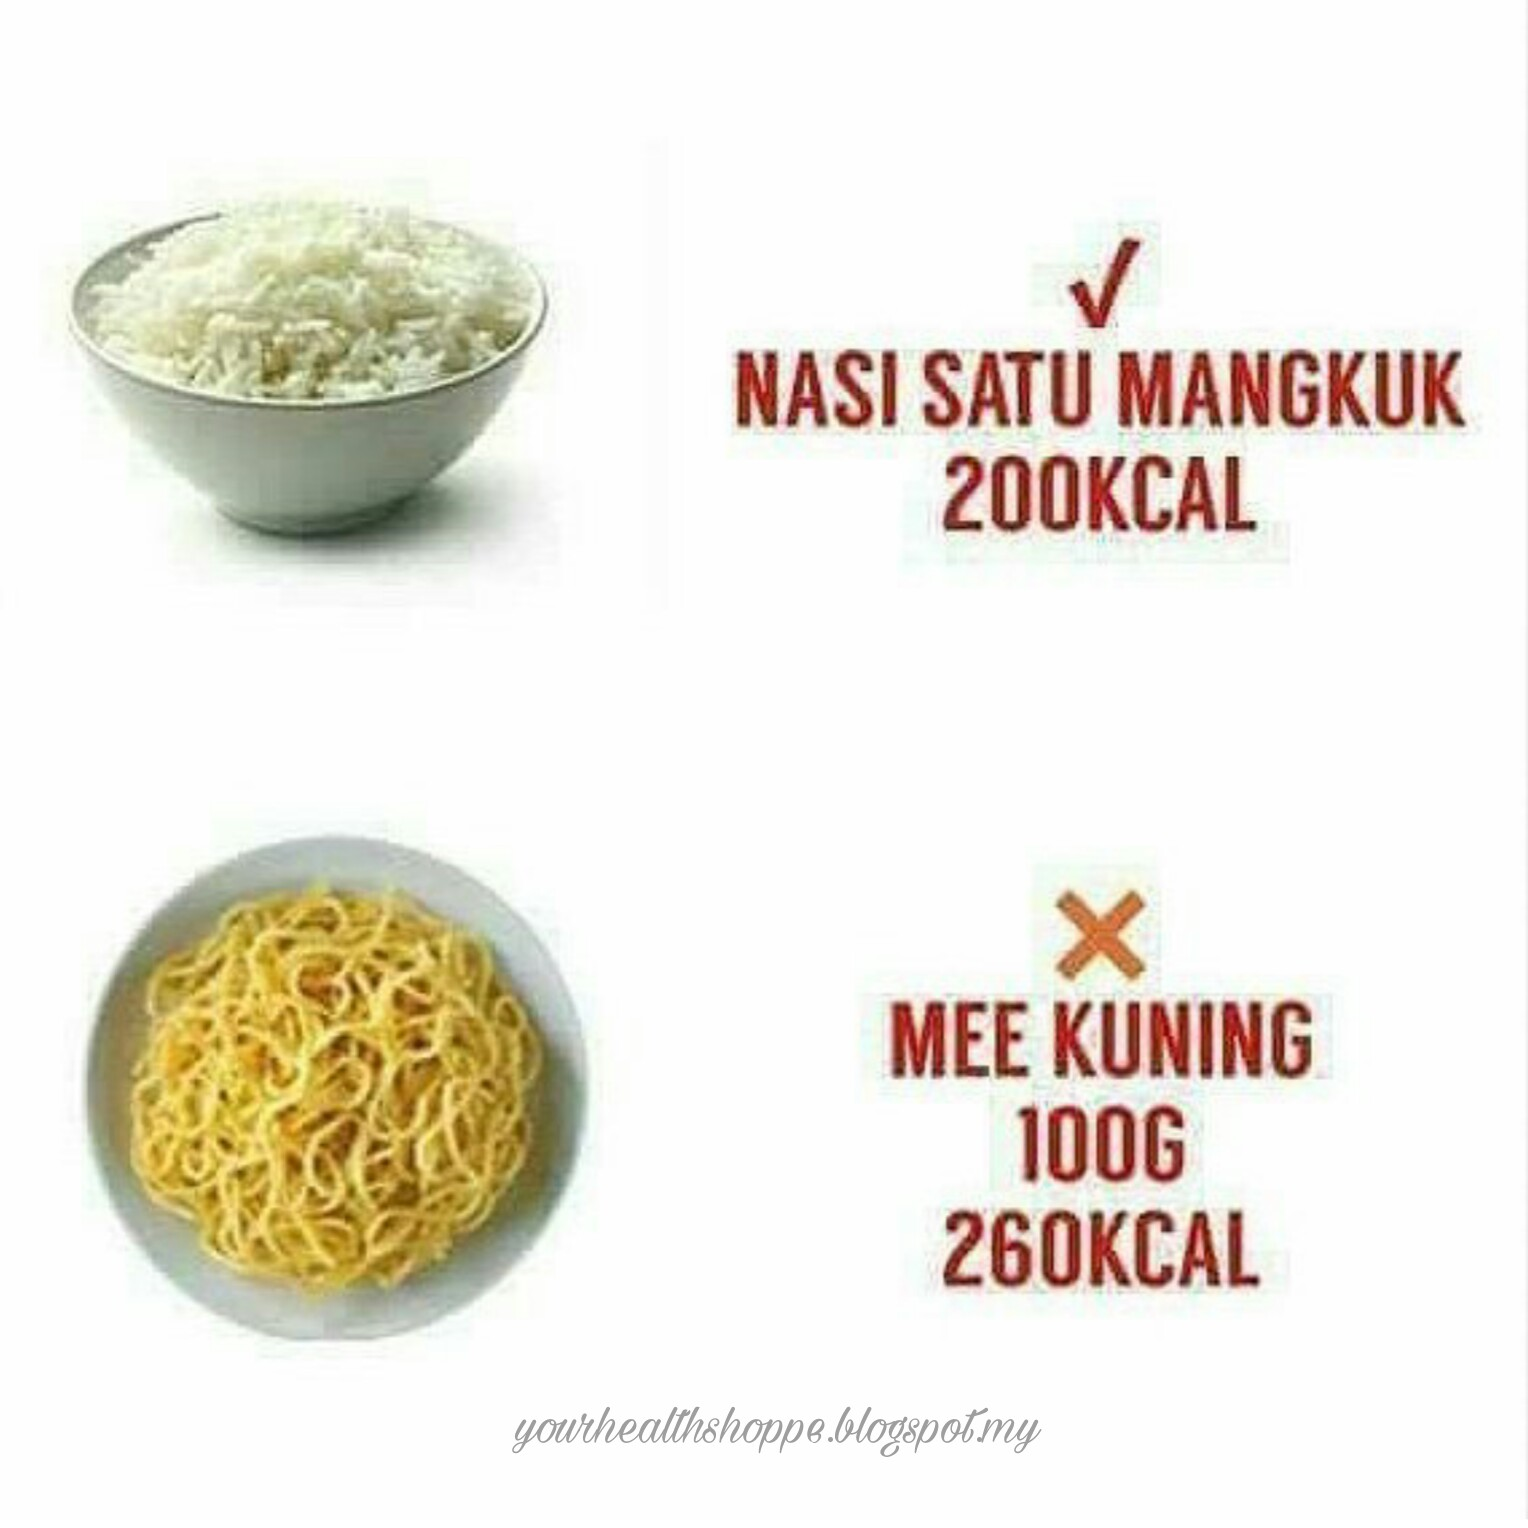 Menerapkan Low Carb High Fat (Ketogenic) Diet dan Sunnah.